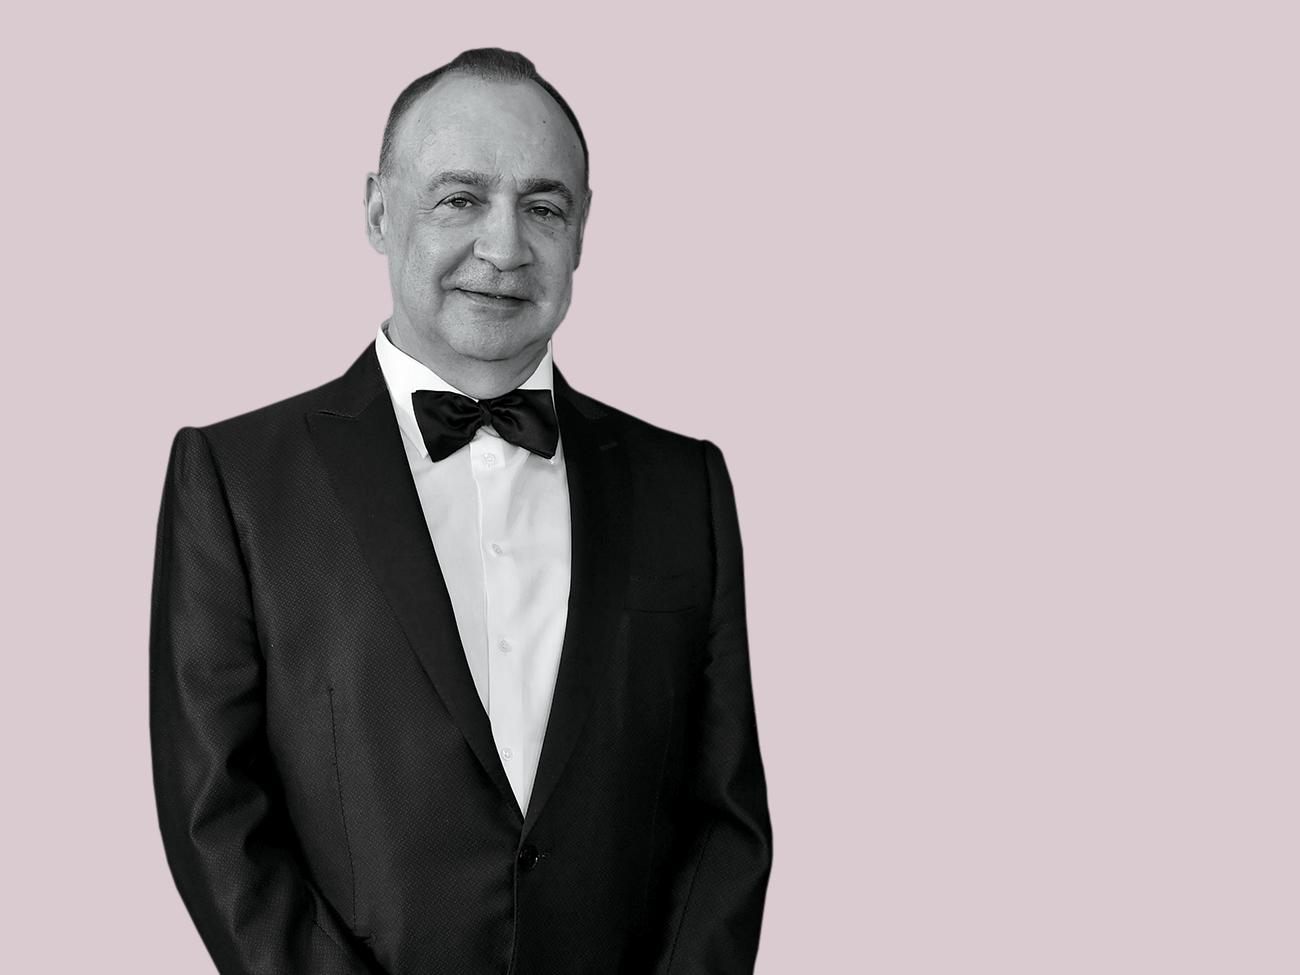 Len Blavatnik: Famous Personality Of London In 2021